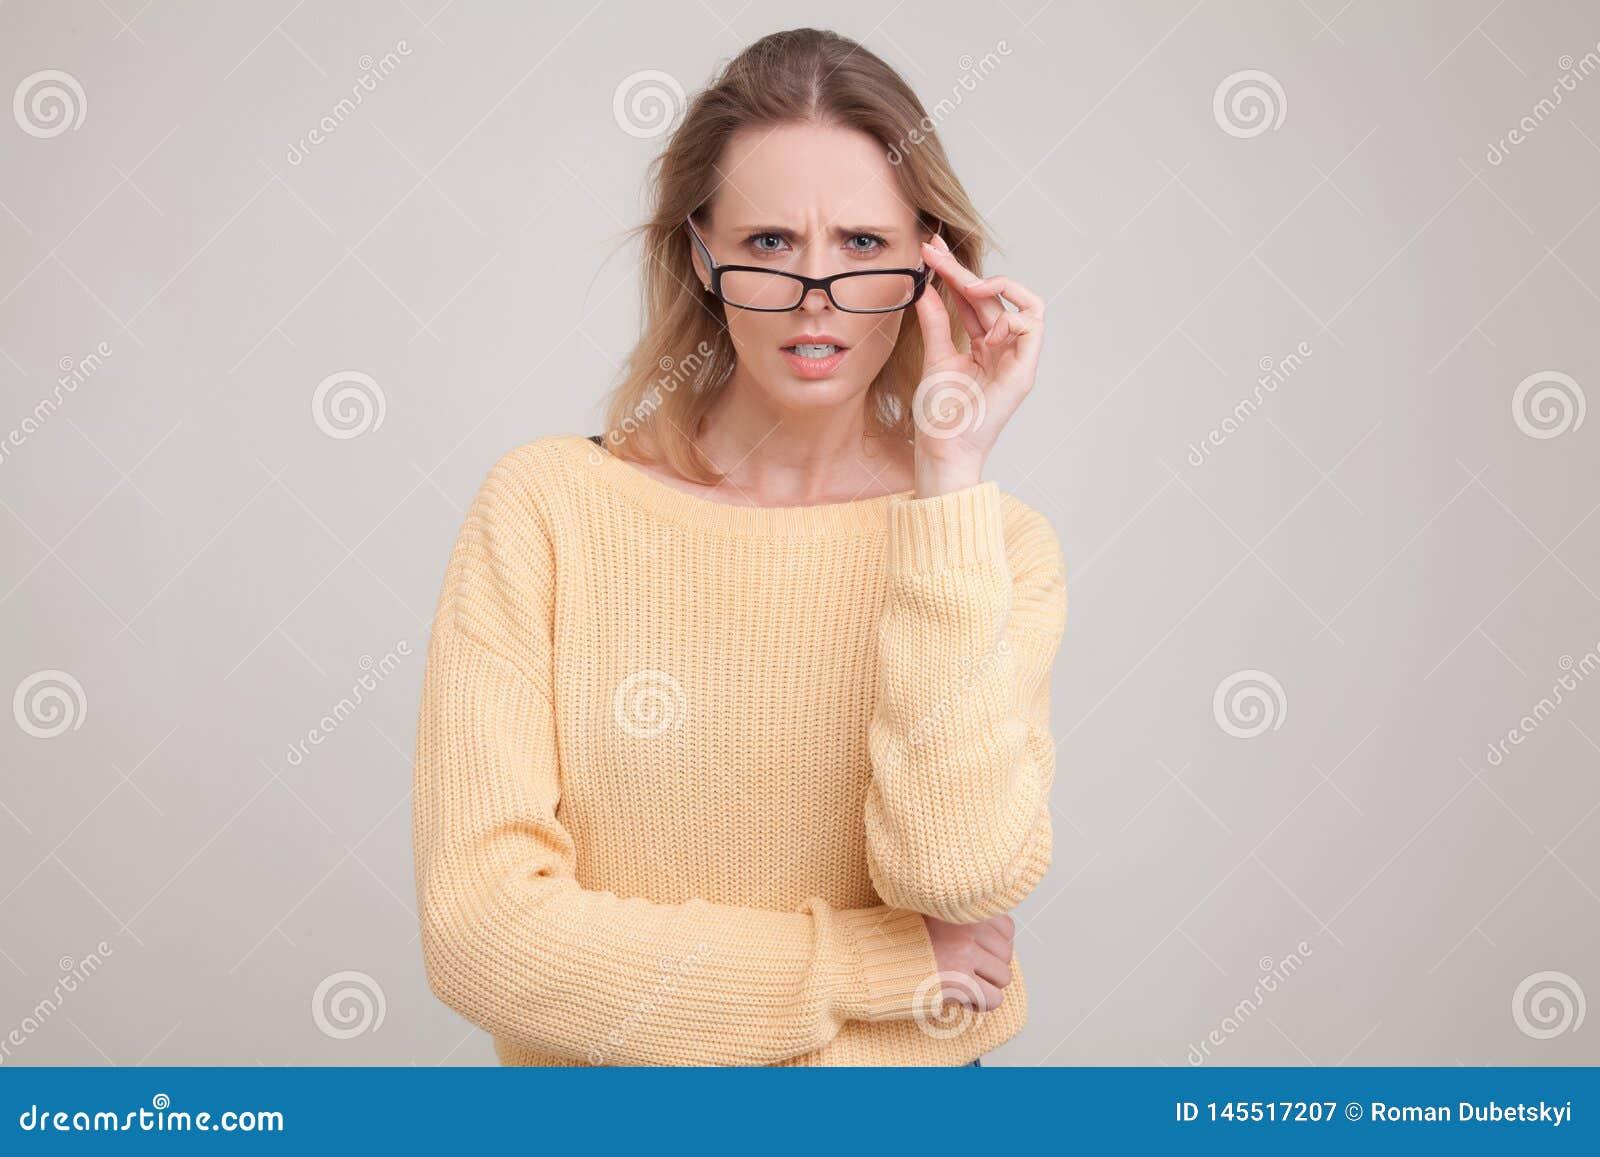 Ritratto della vita-su di giovane donna bionda con emozione sorpresa sul suo fronte esaminando la macchina fotografica, nota qual